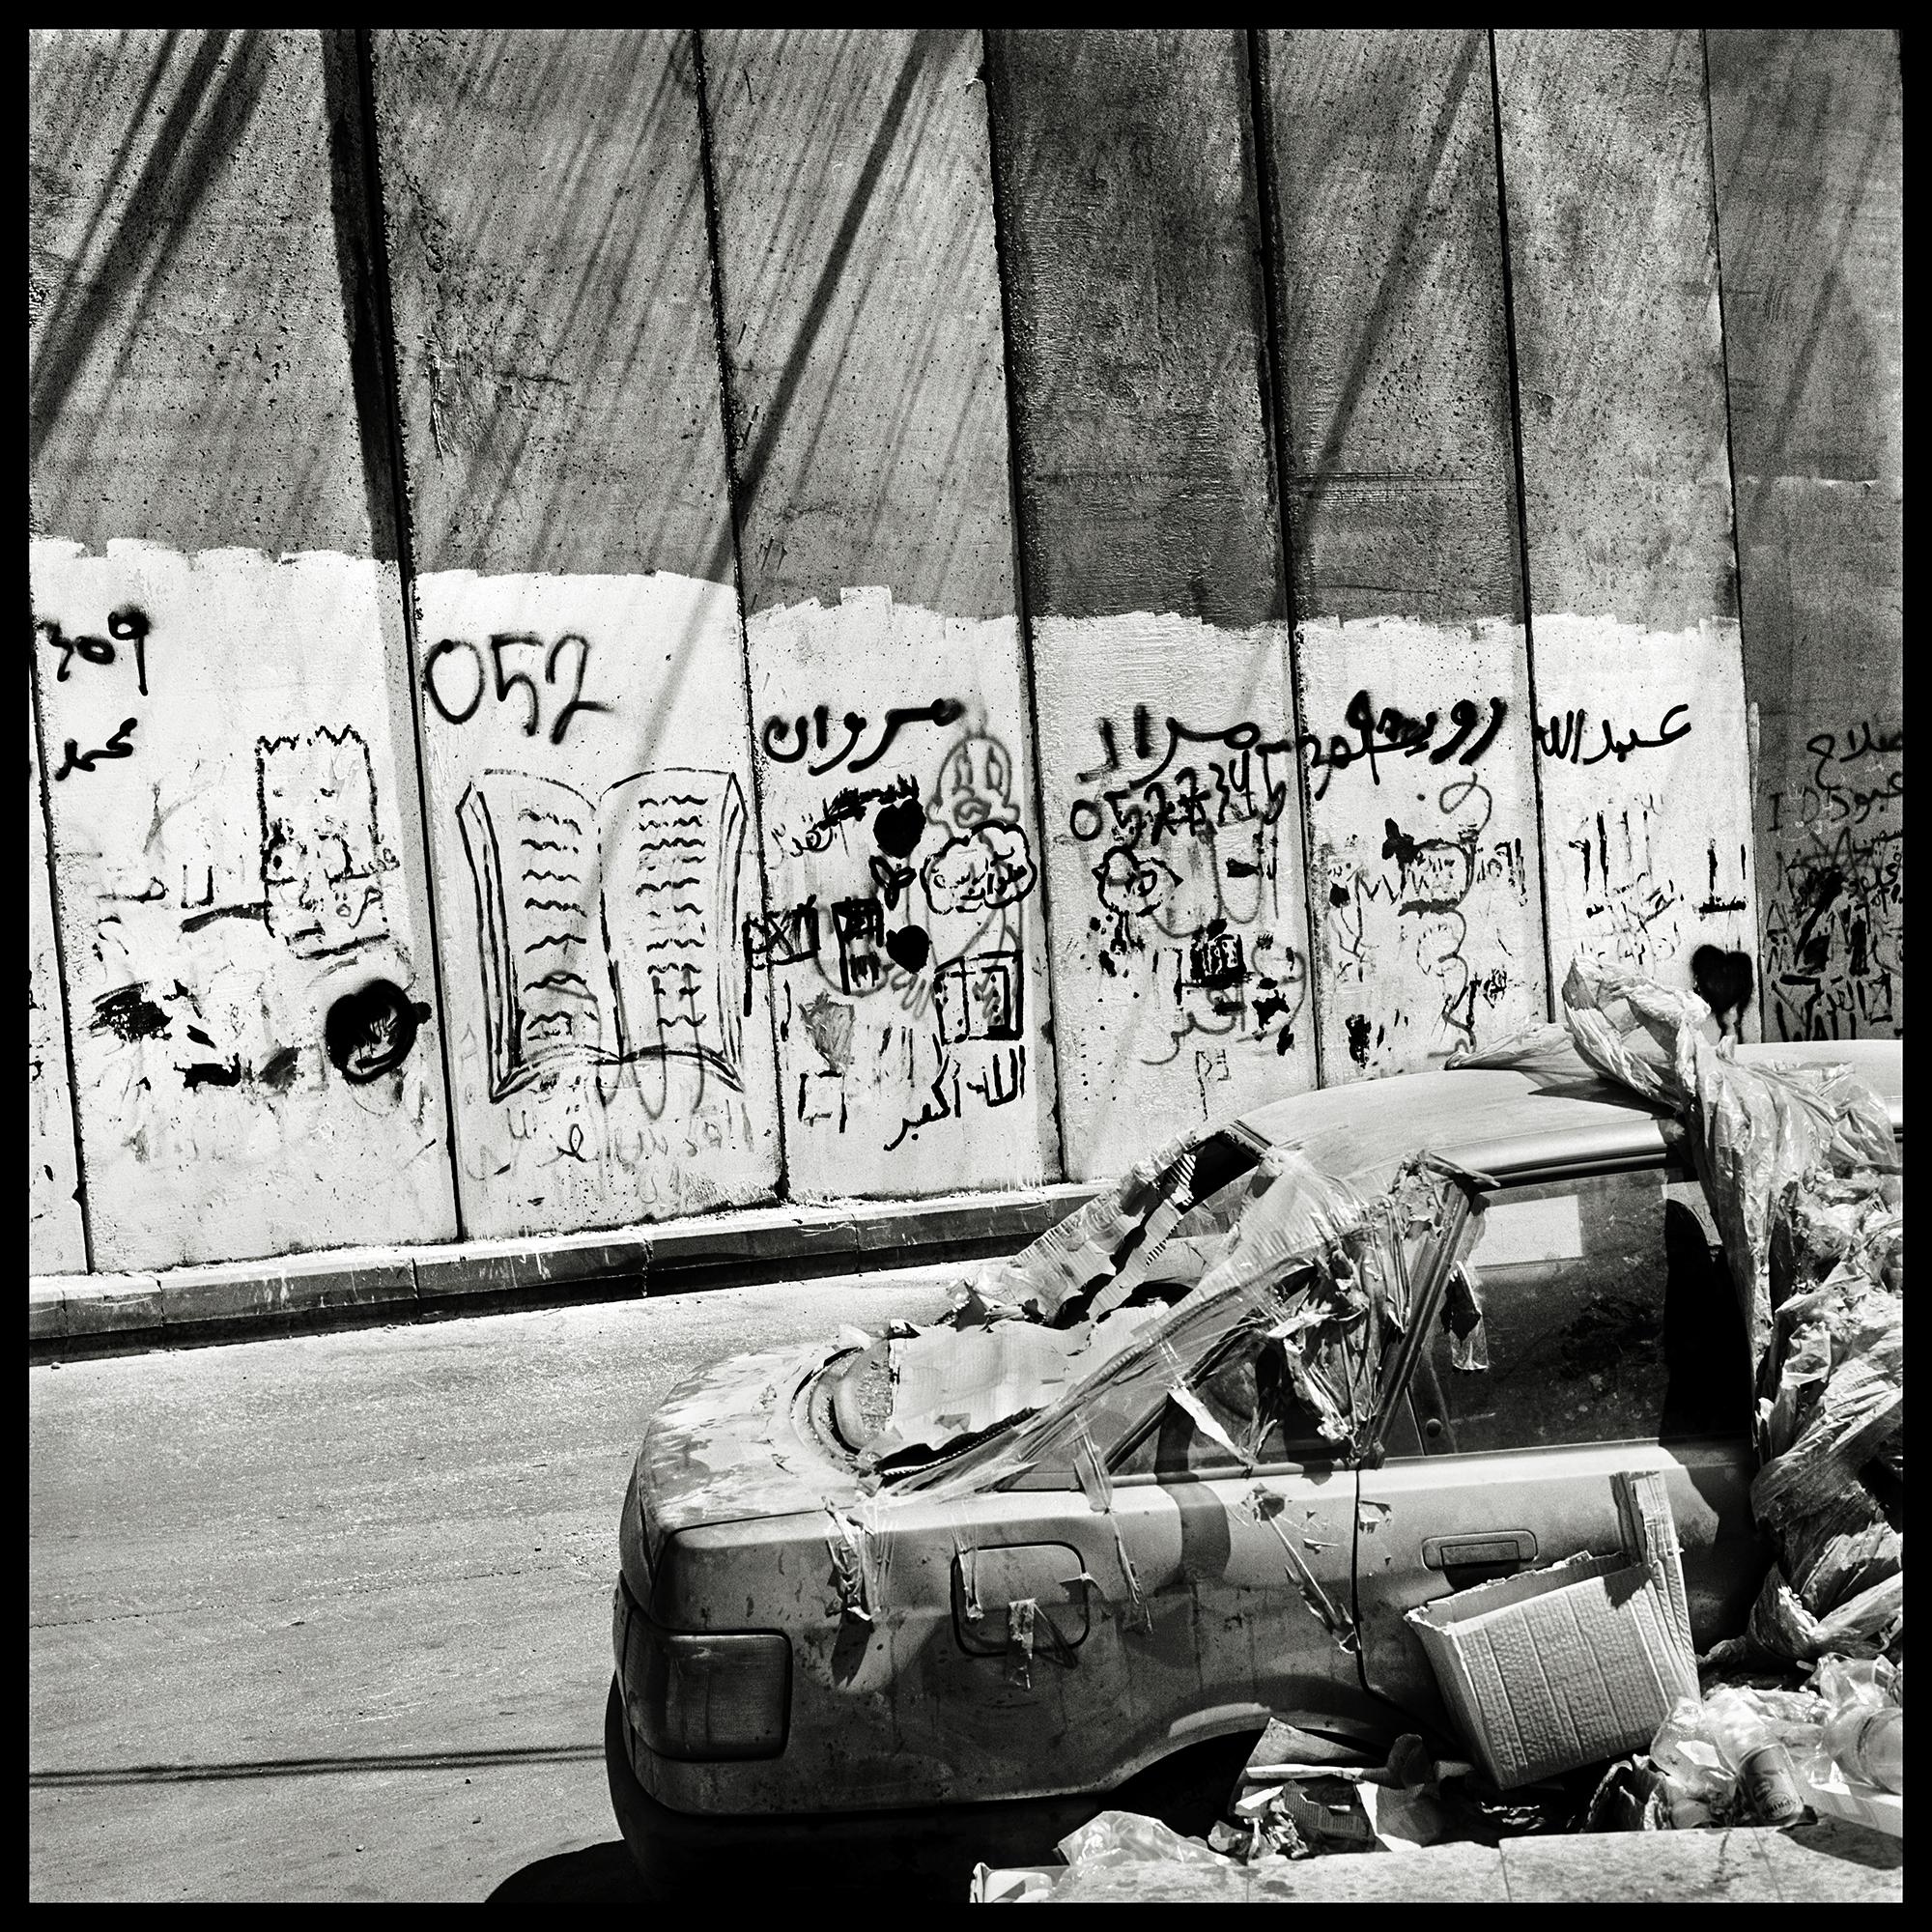 Wall, Israel, 2010